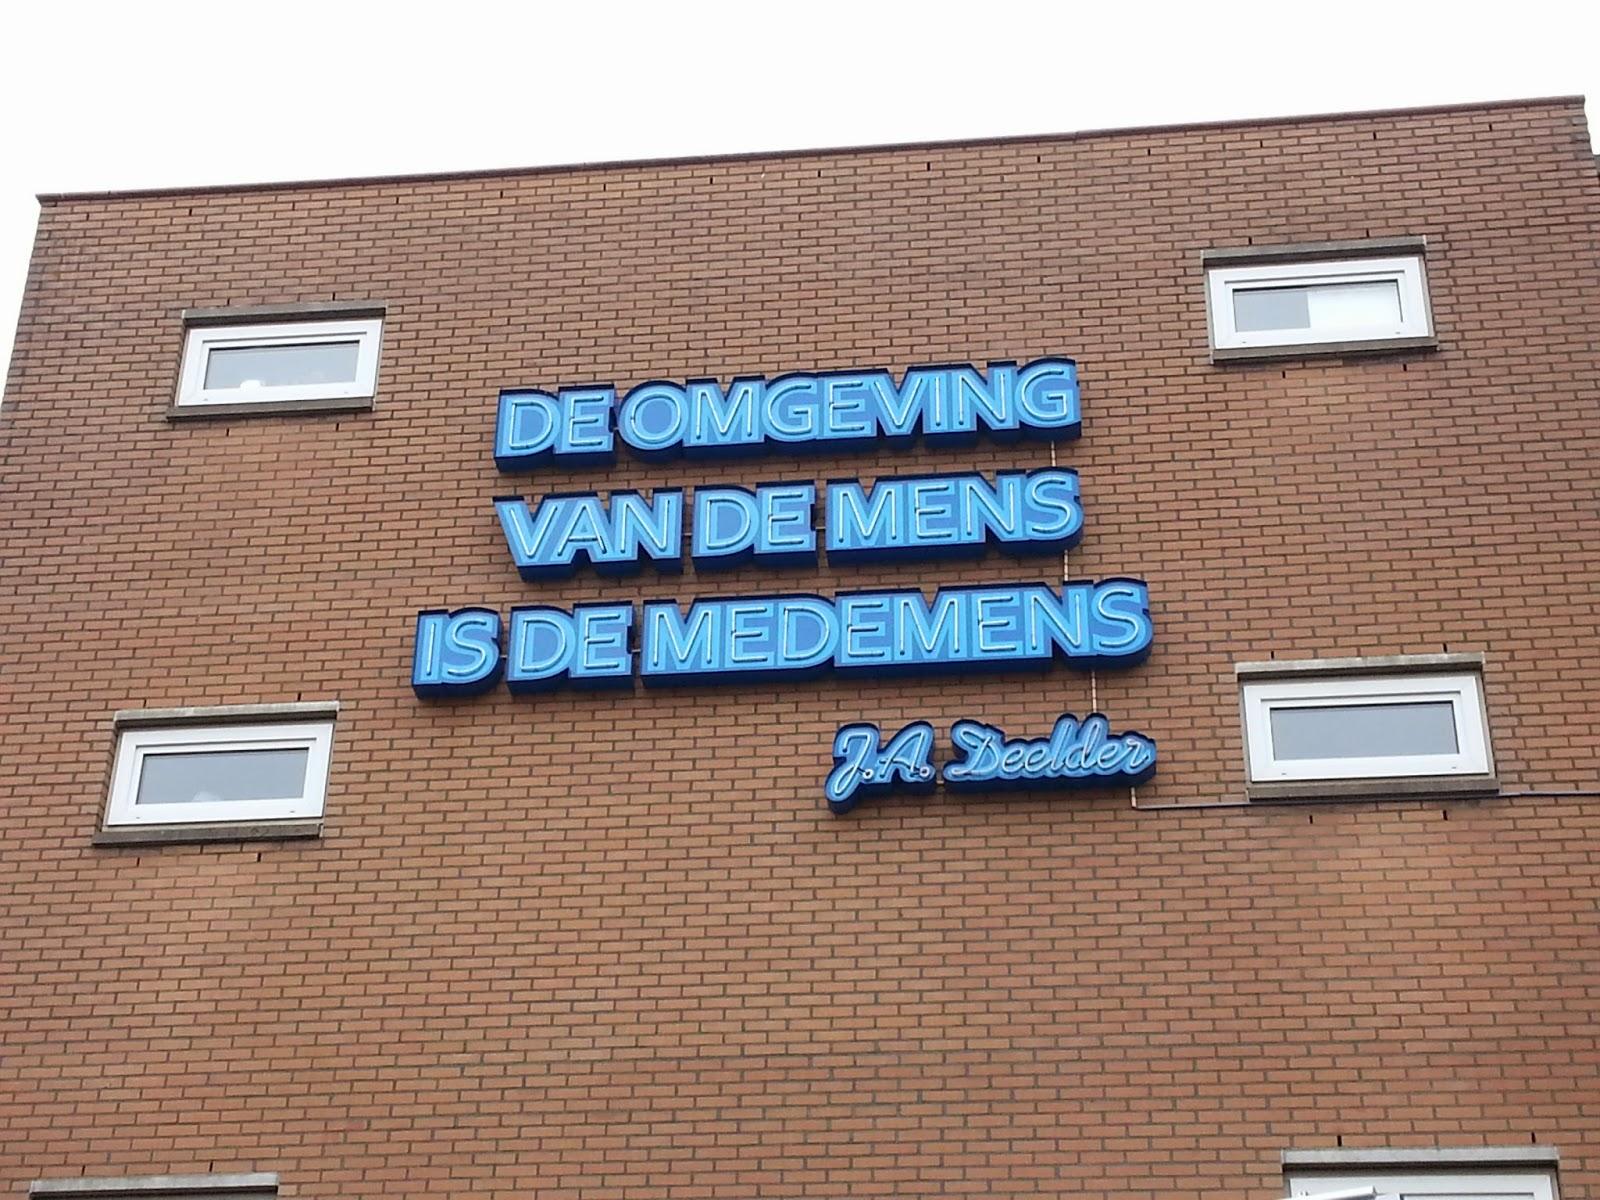 Tekst Op De Muur.I Love Rotterdam Tekst Op De Muur